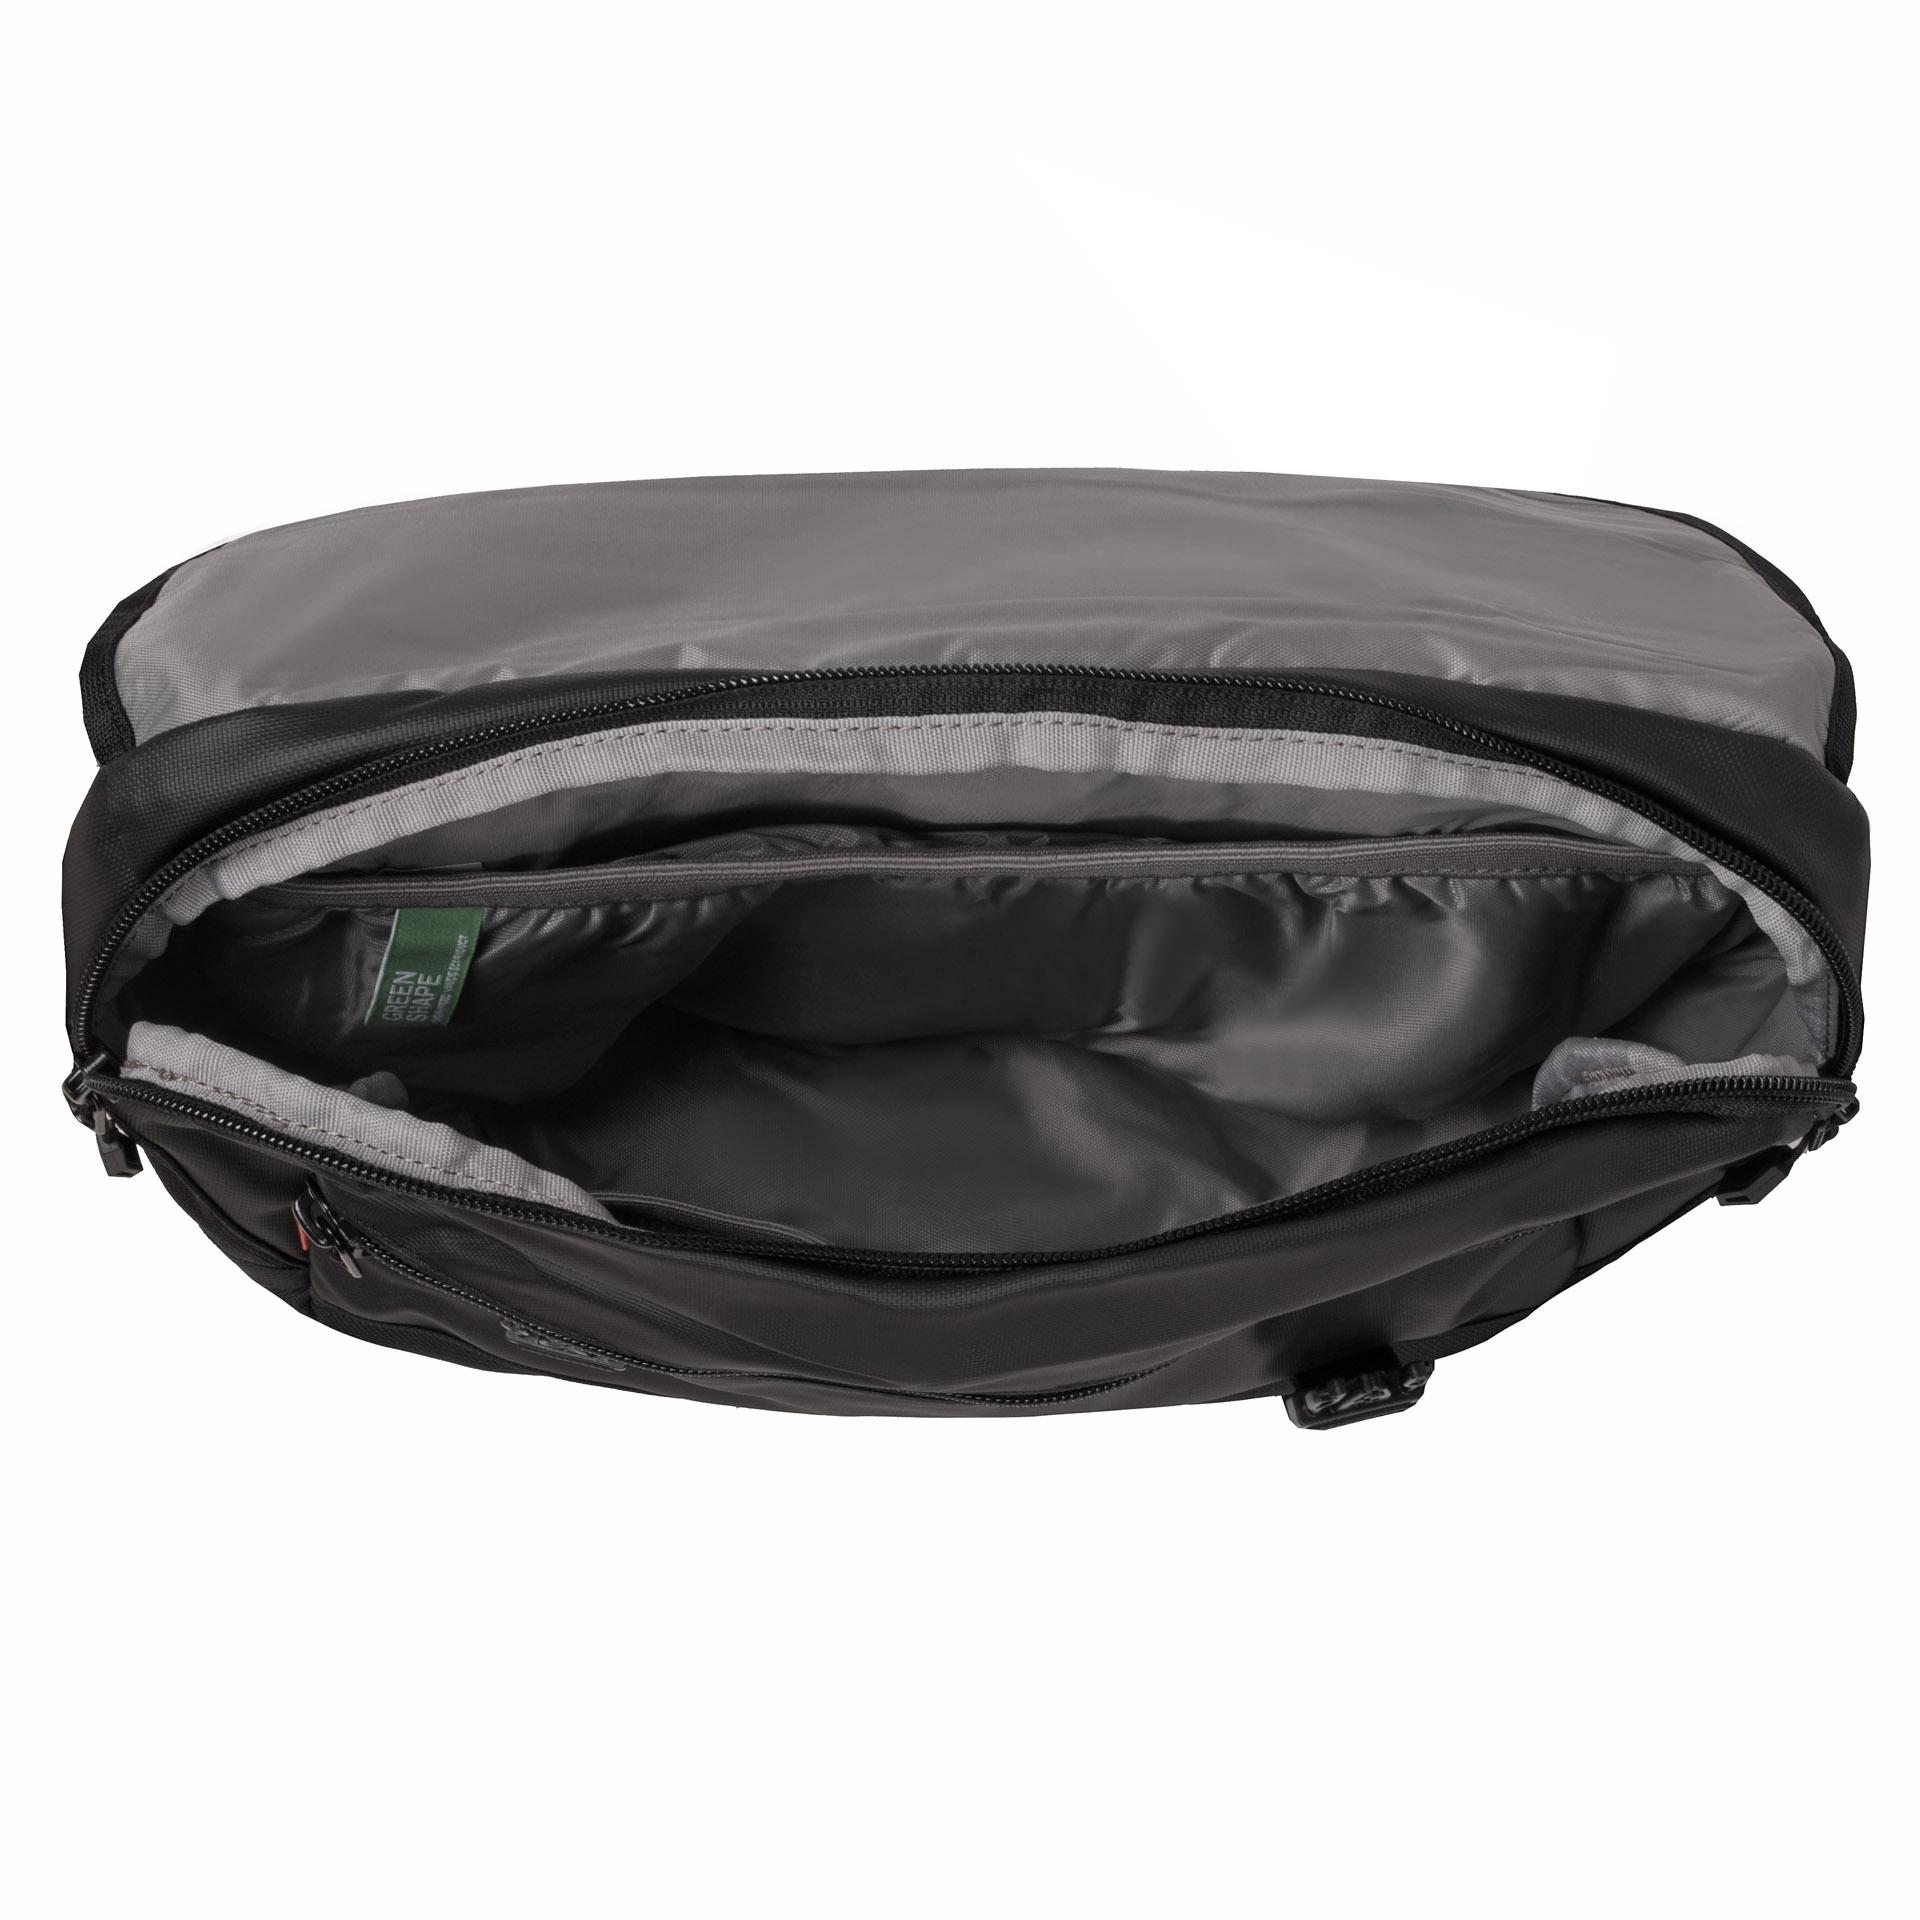 Vaude Ayo S black Do tašky Ayo S bez problémov uložíte váš tablet aj množstvo ďalších nevyhnutných vecí.- čalúnený oddiel na tablet- veľký hlavný oddiel- predné vrecko na zips s organizérom- držiak na kľúče a pero- čalúnená zadná časť